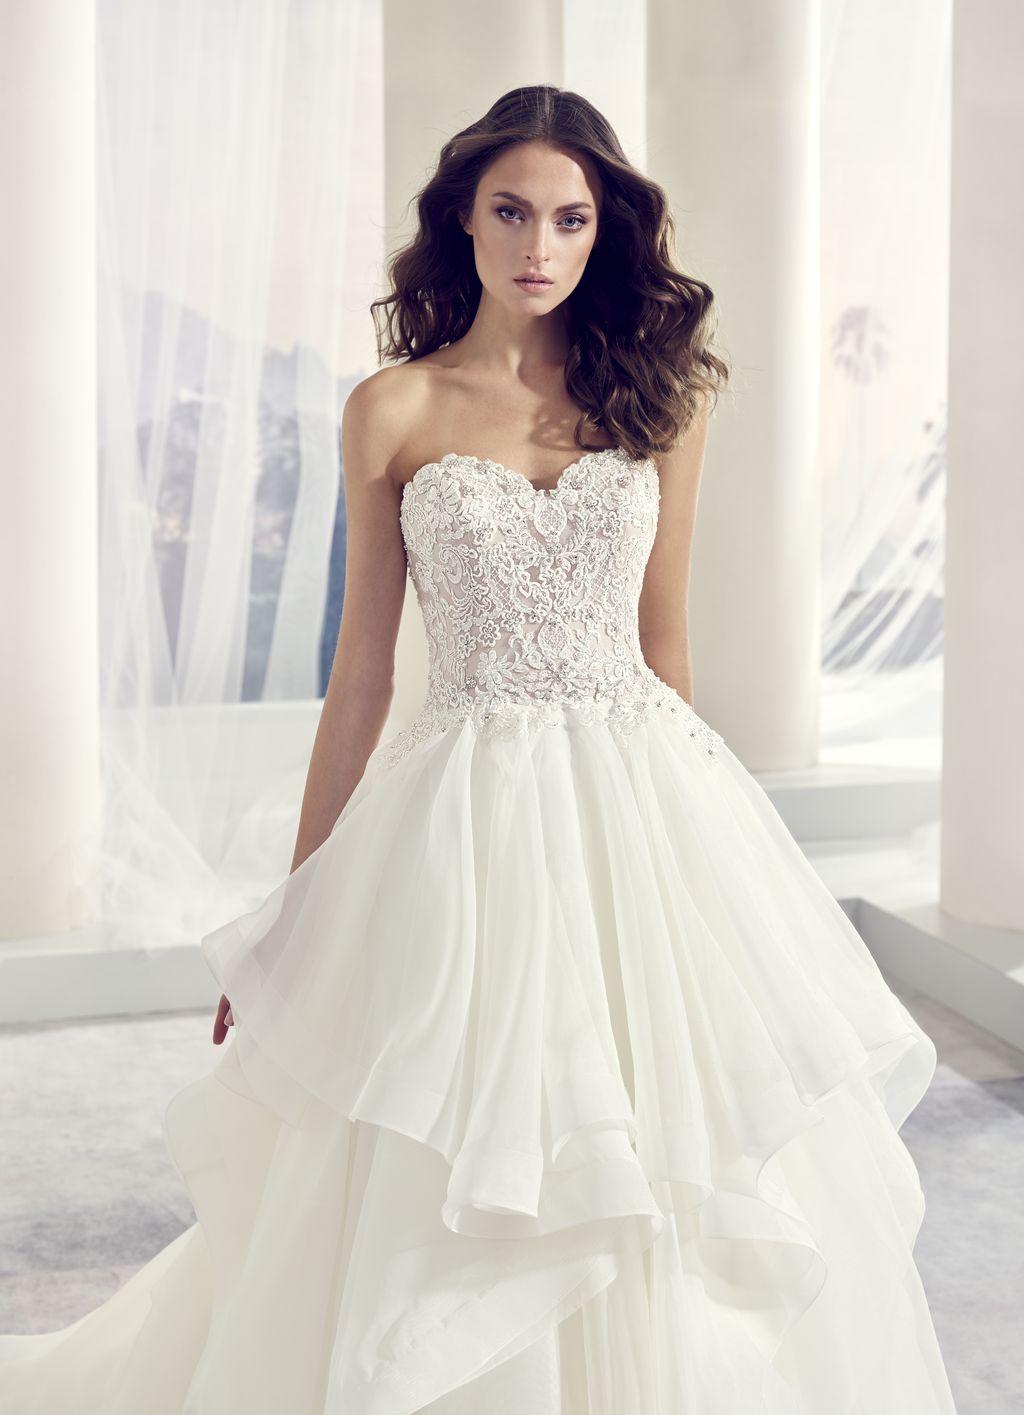 e6dde07776 Menyasszonyi ruha - Brill esküvőiruha szalon Debrecen